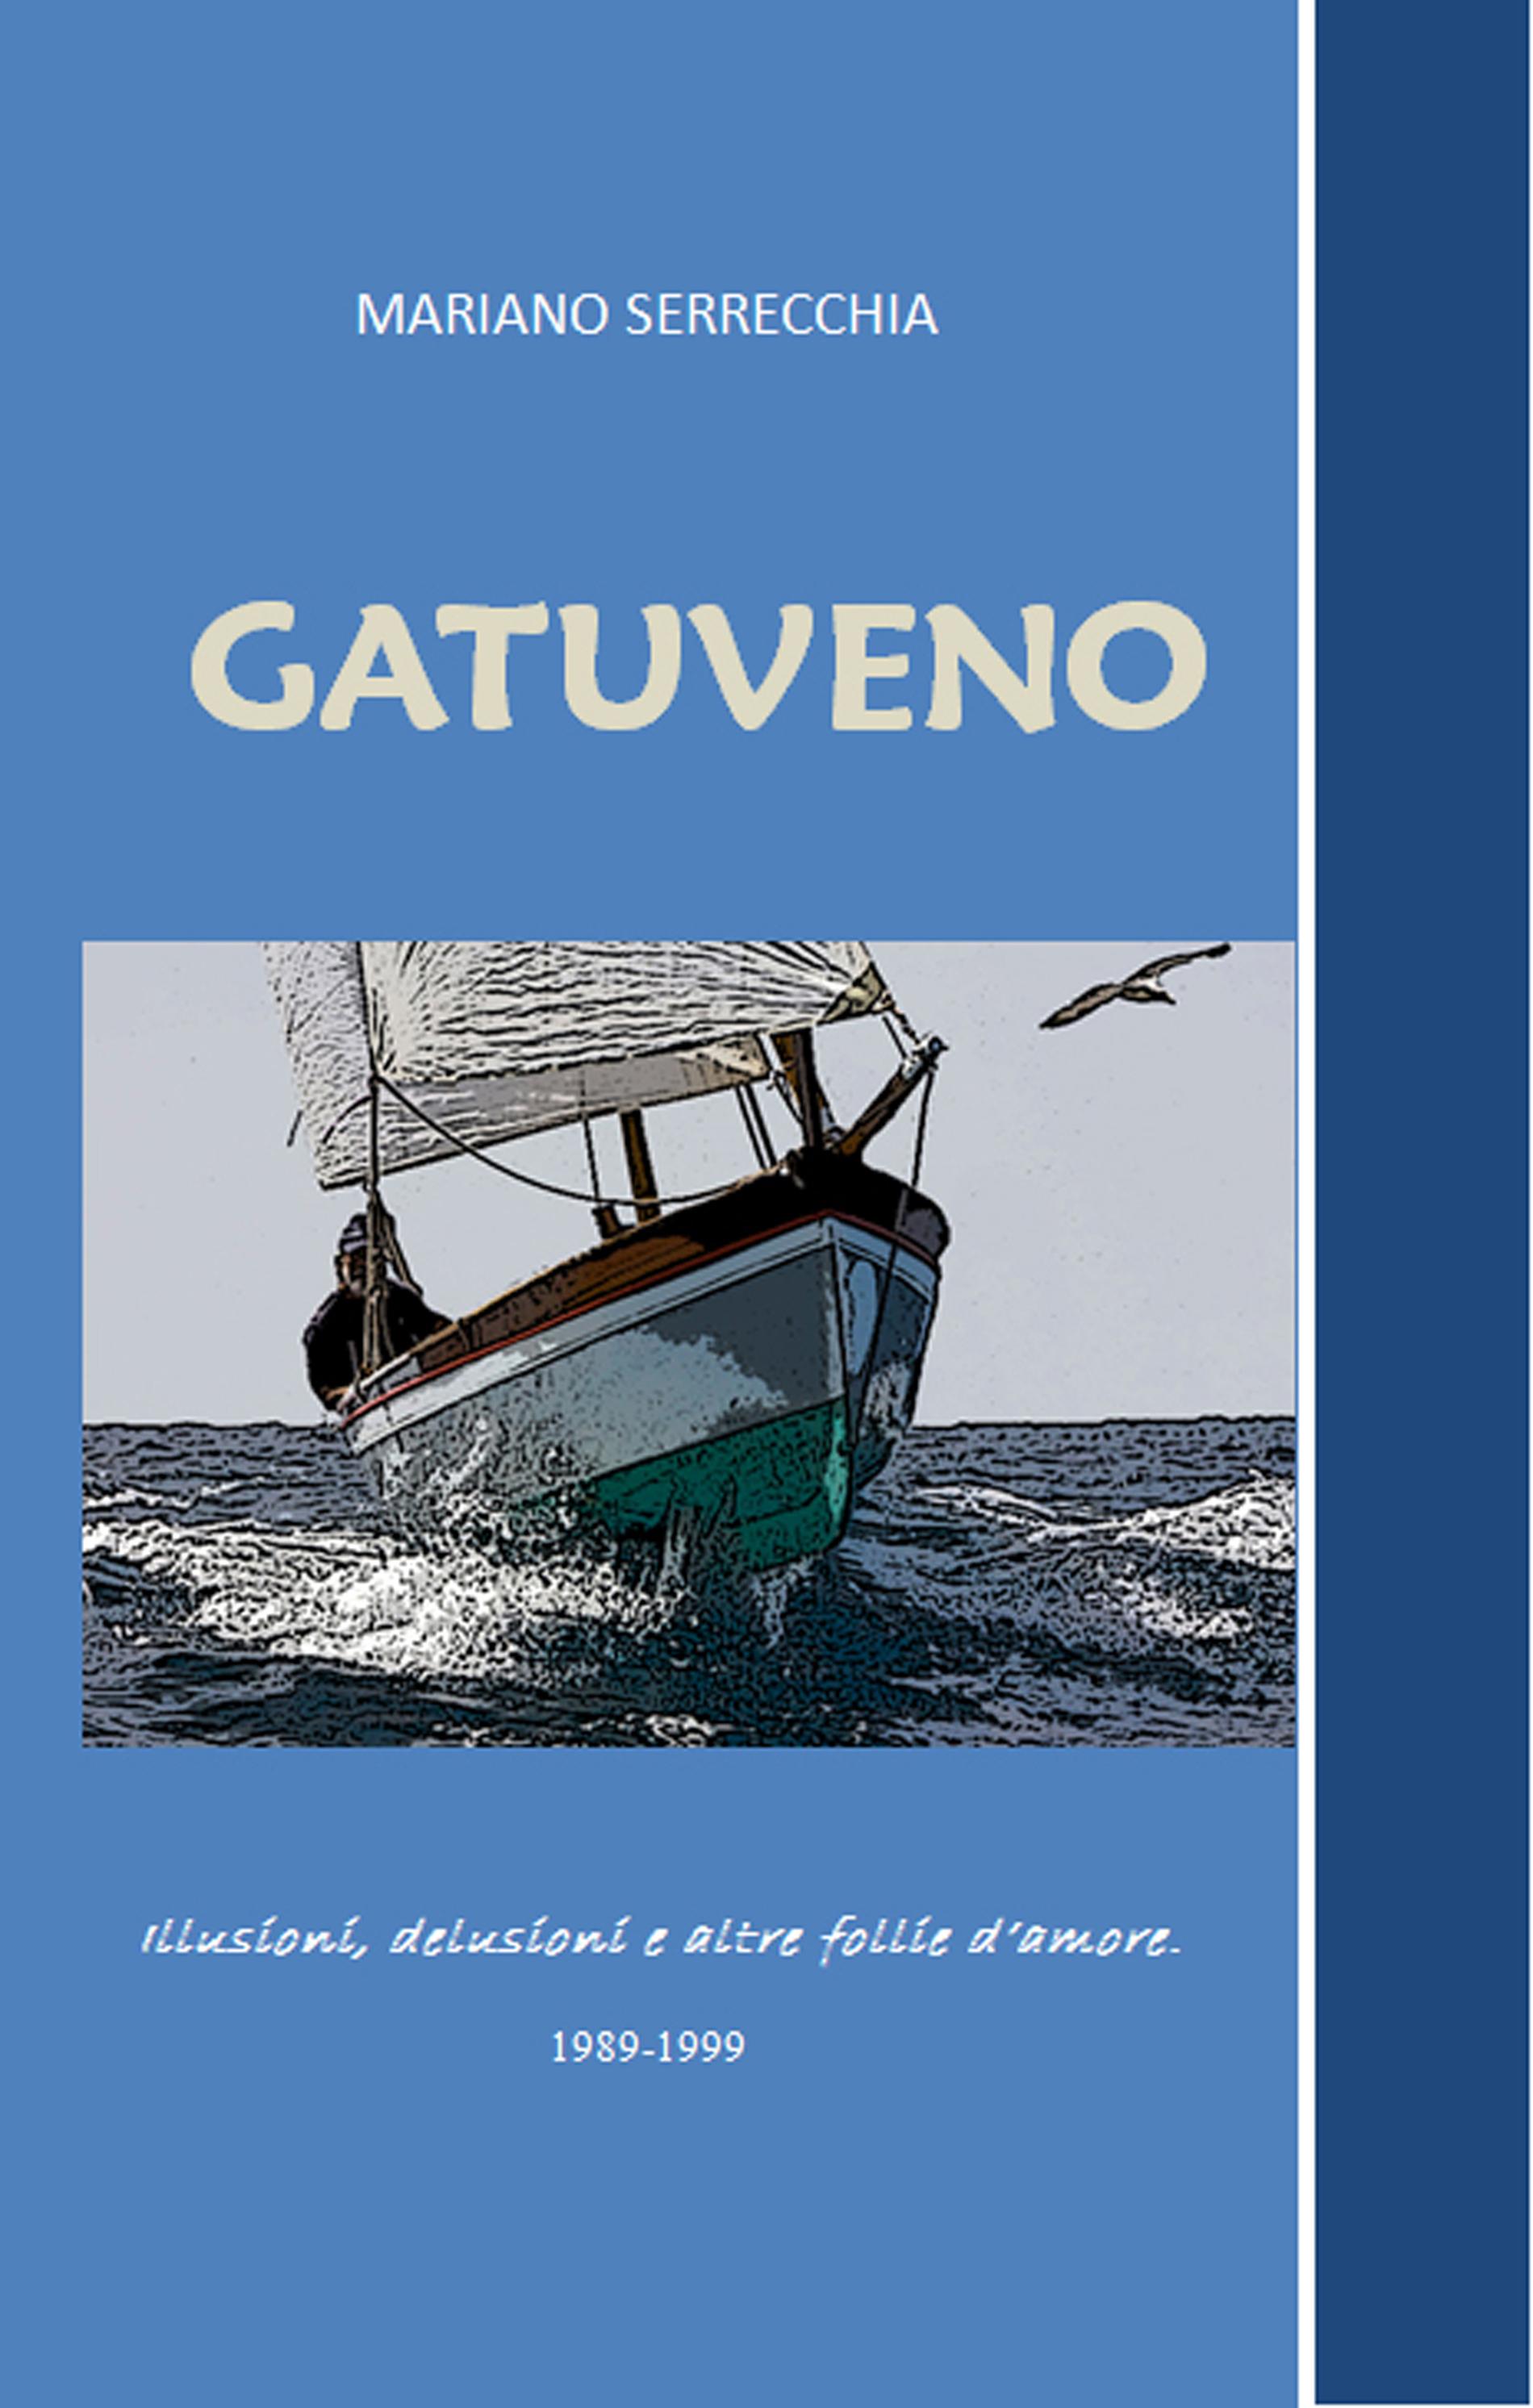 Gatuveno